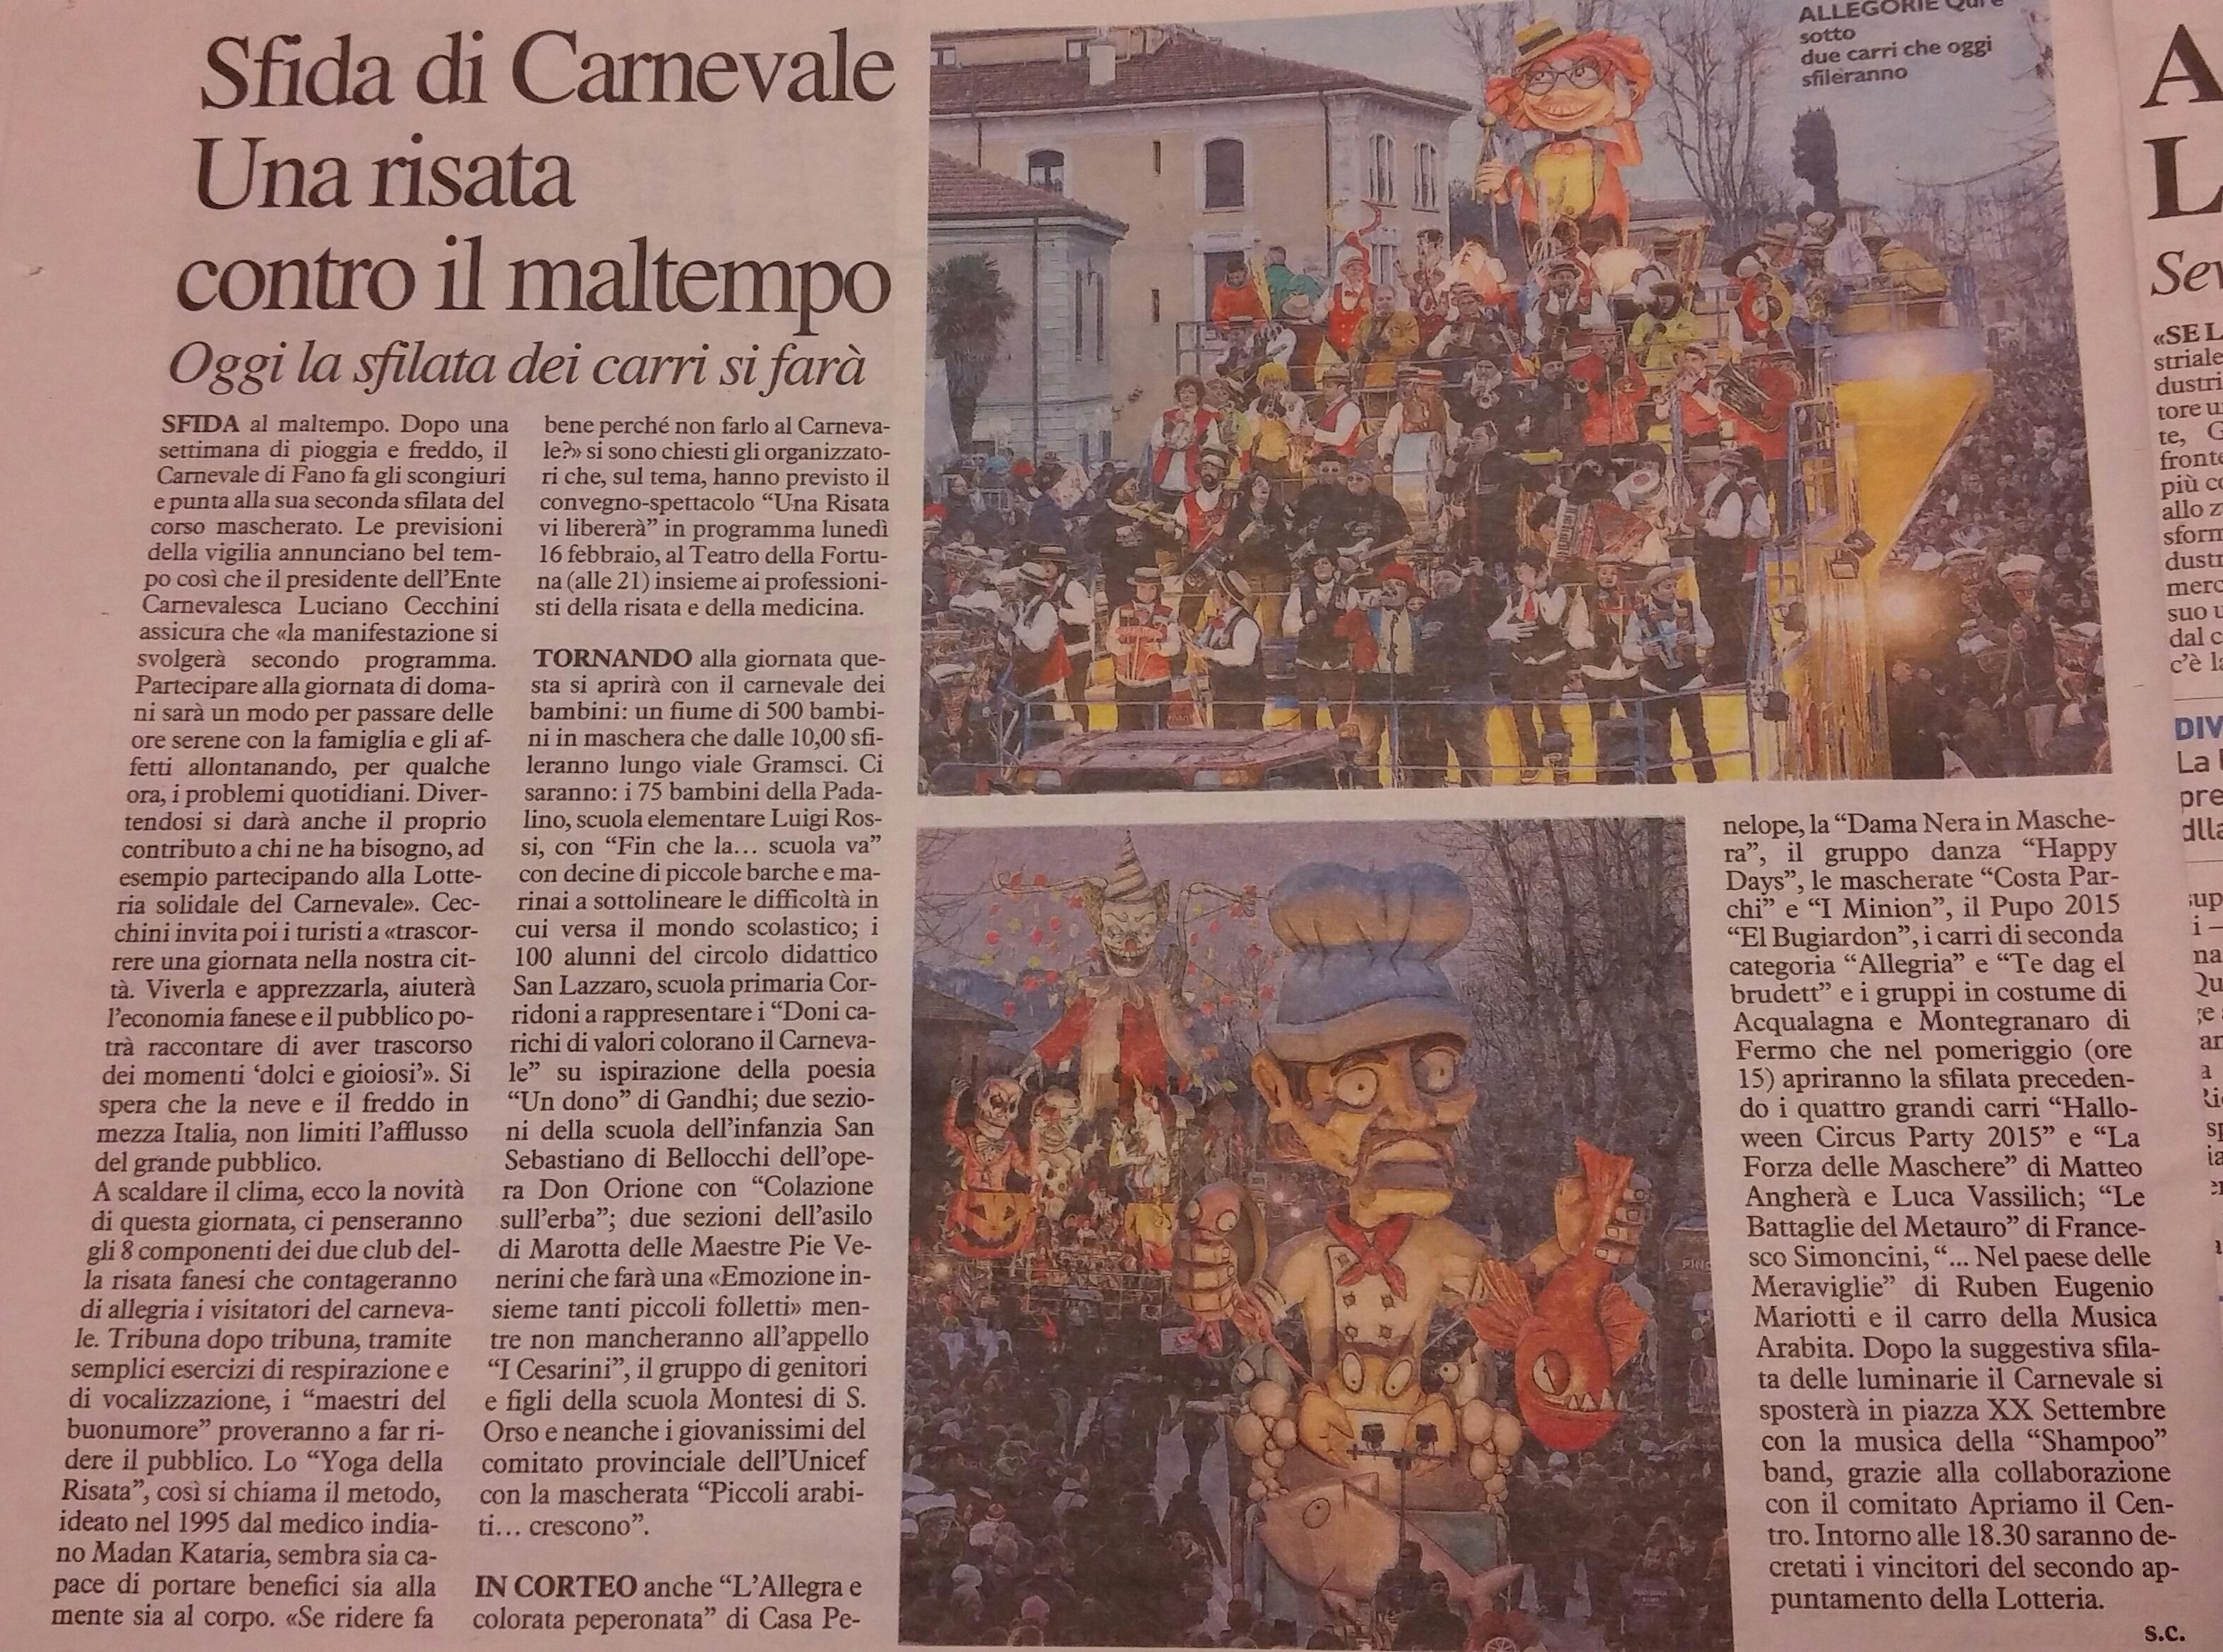 Borghetti Bugaron Band al Carnevale di Fano 2015